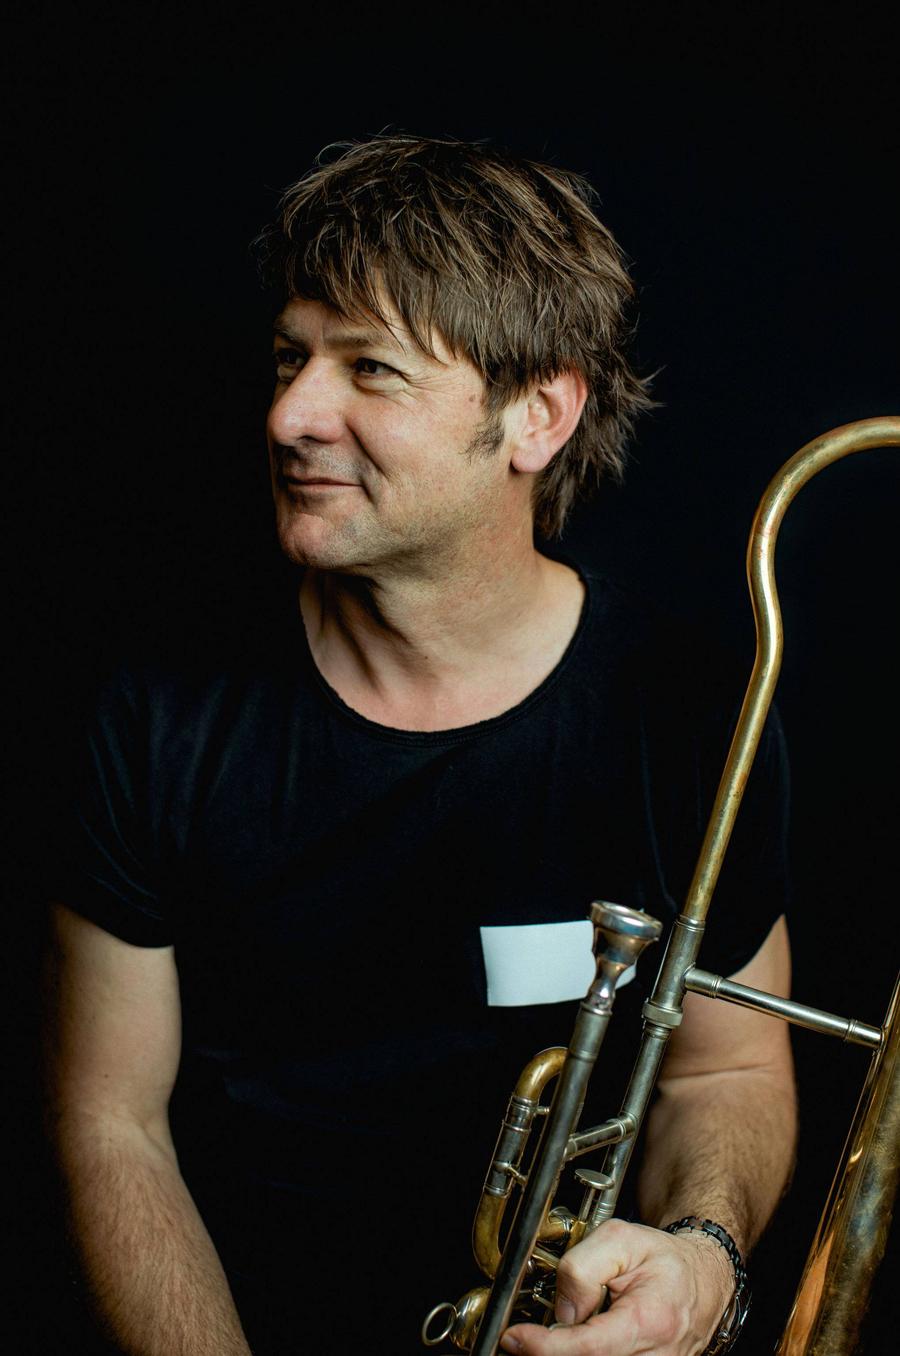 Martin Senfter